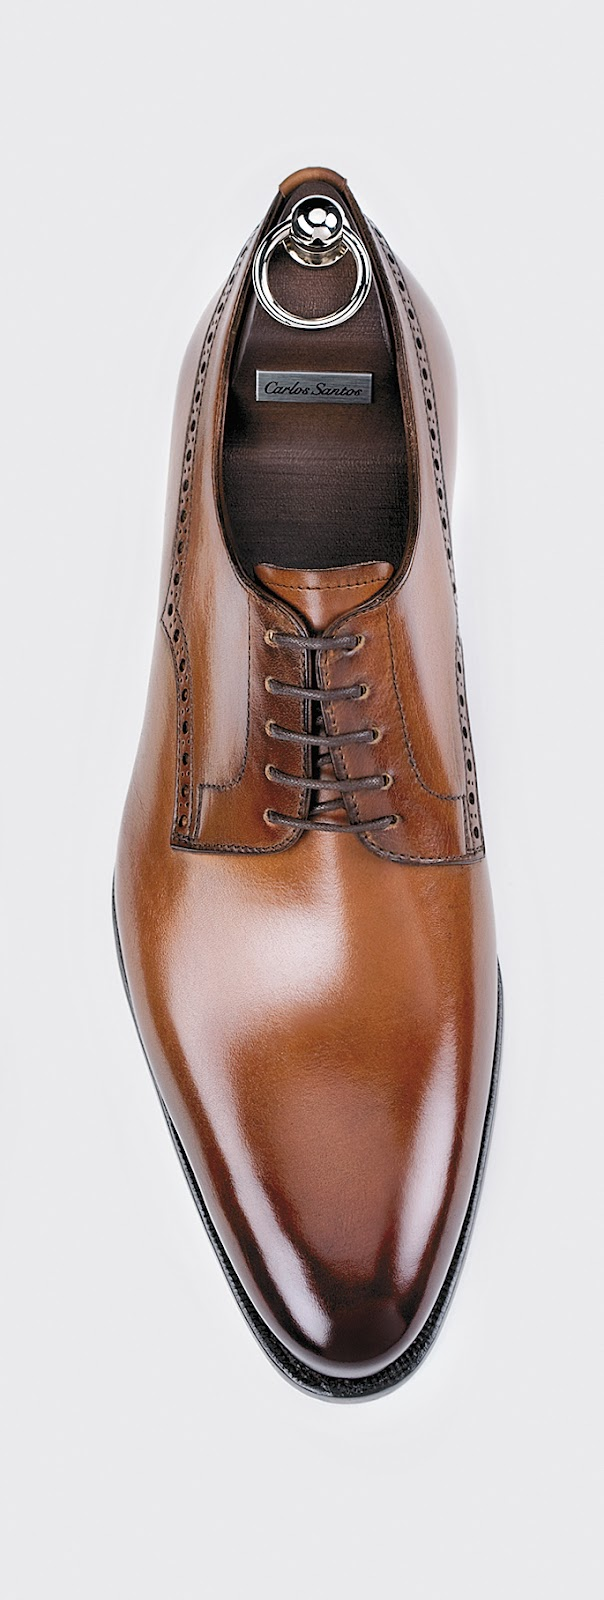 carlos santos schoenen